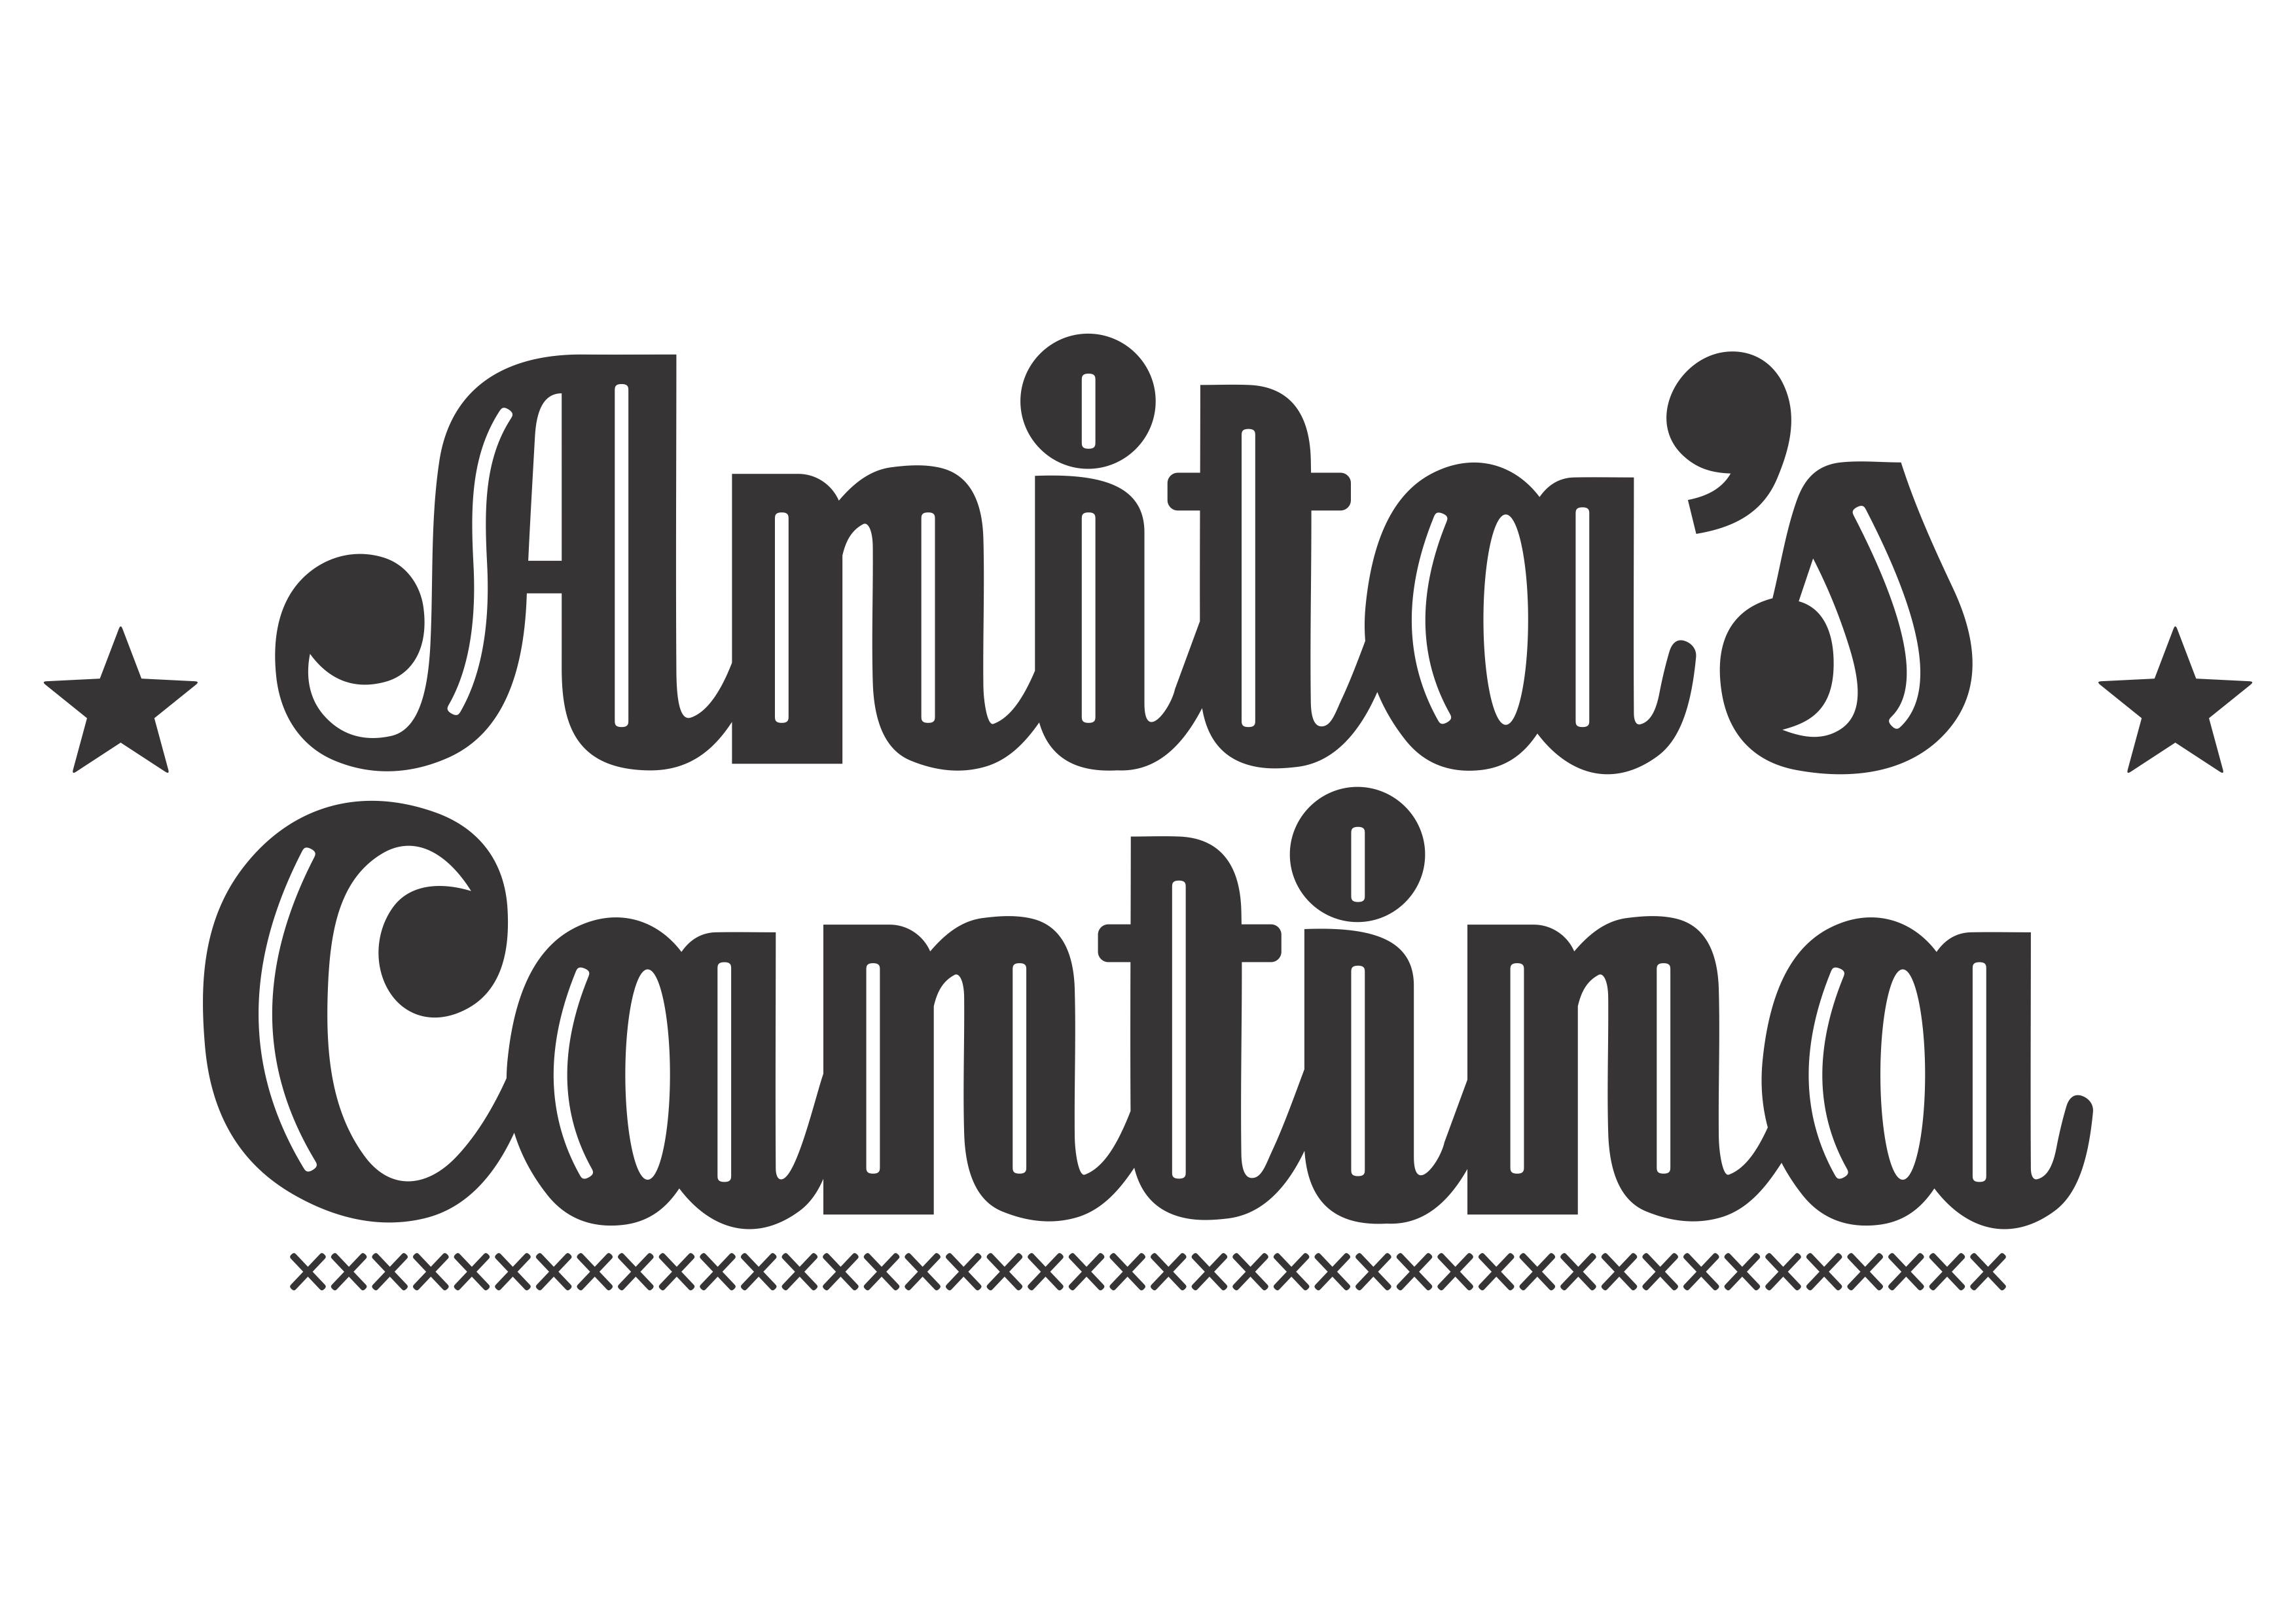 Anita's Cantina